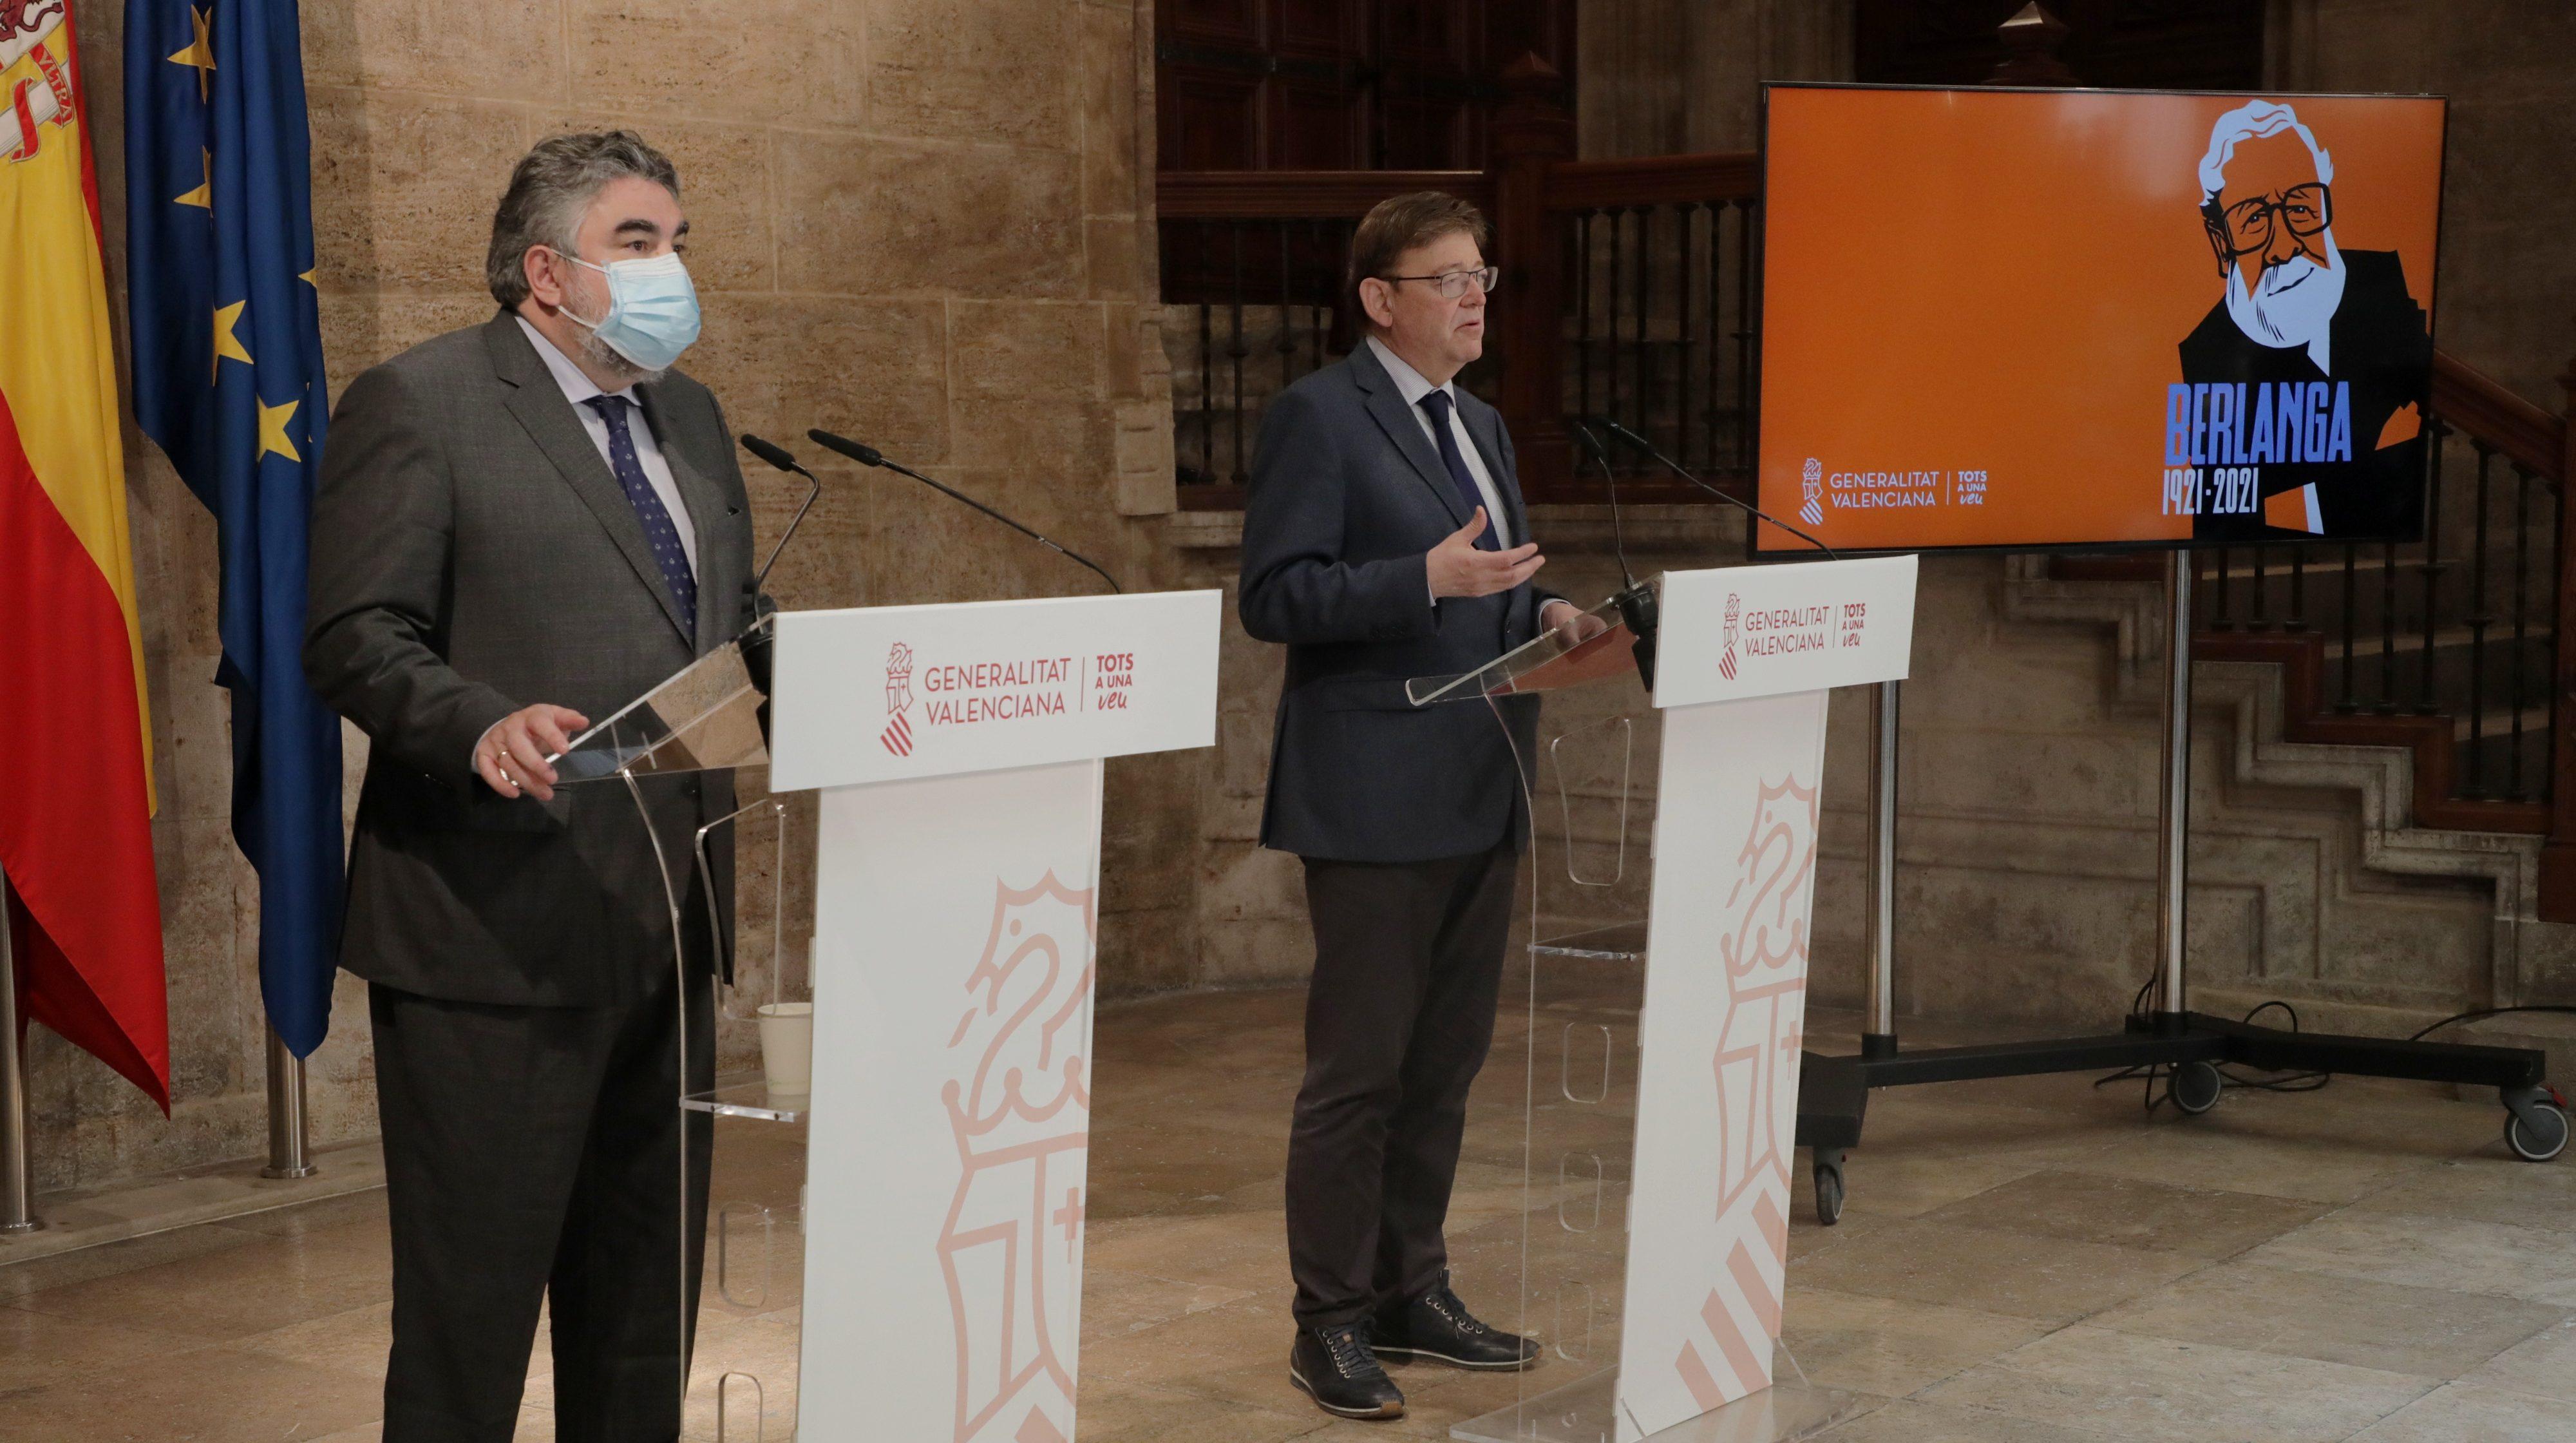 L'Any Berlanga es prorroga fins a juny de 2022 coincidint amb el naixement i els Premis Goya a València